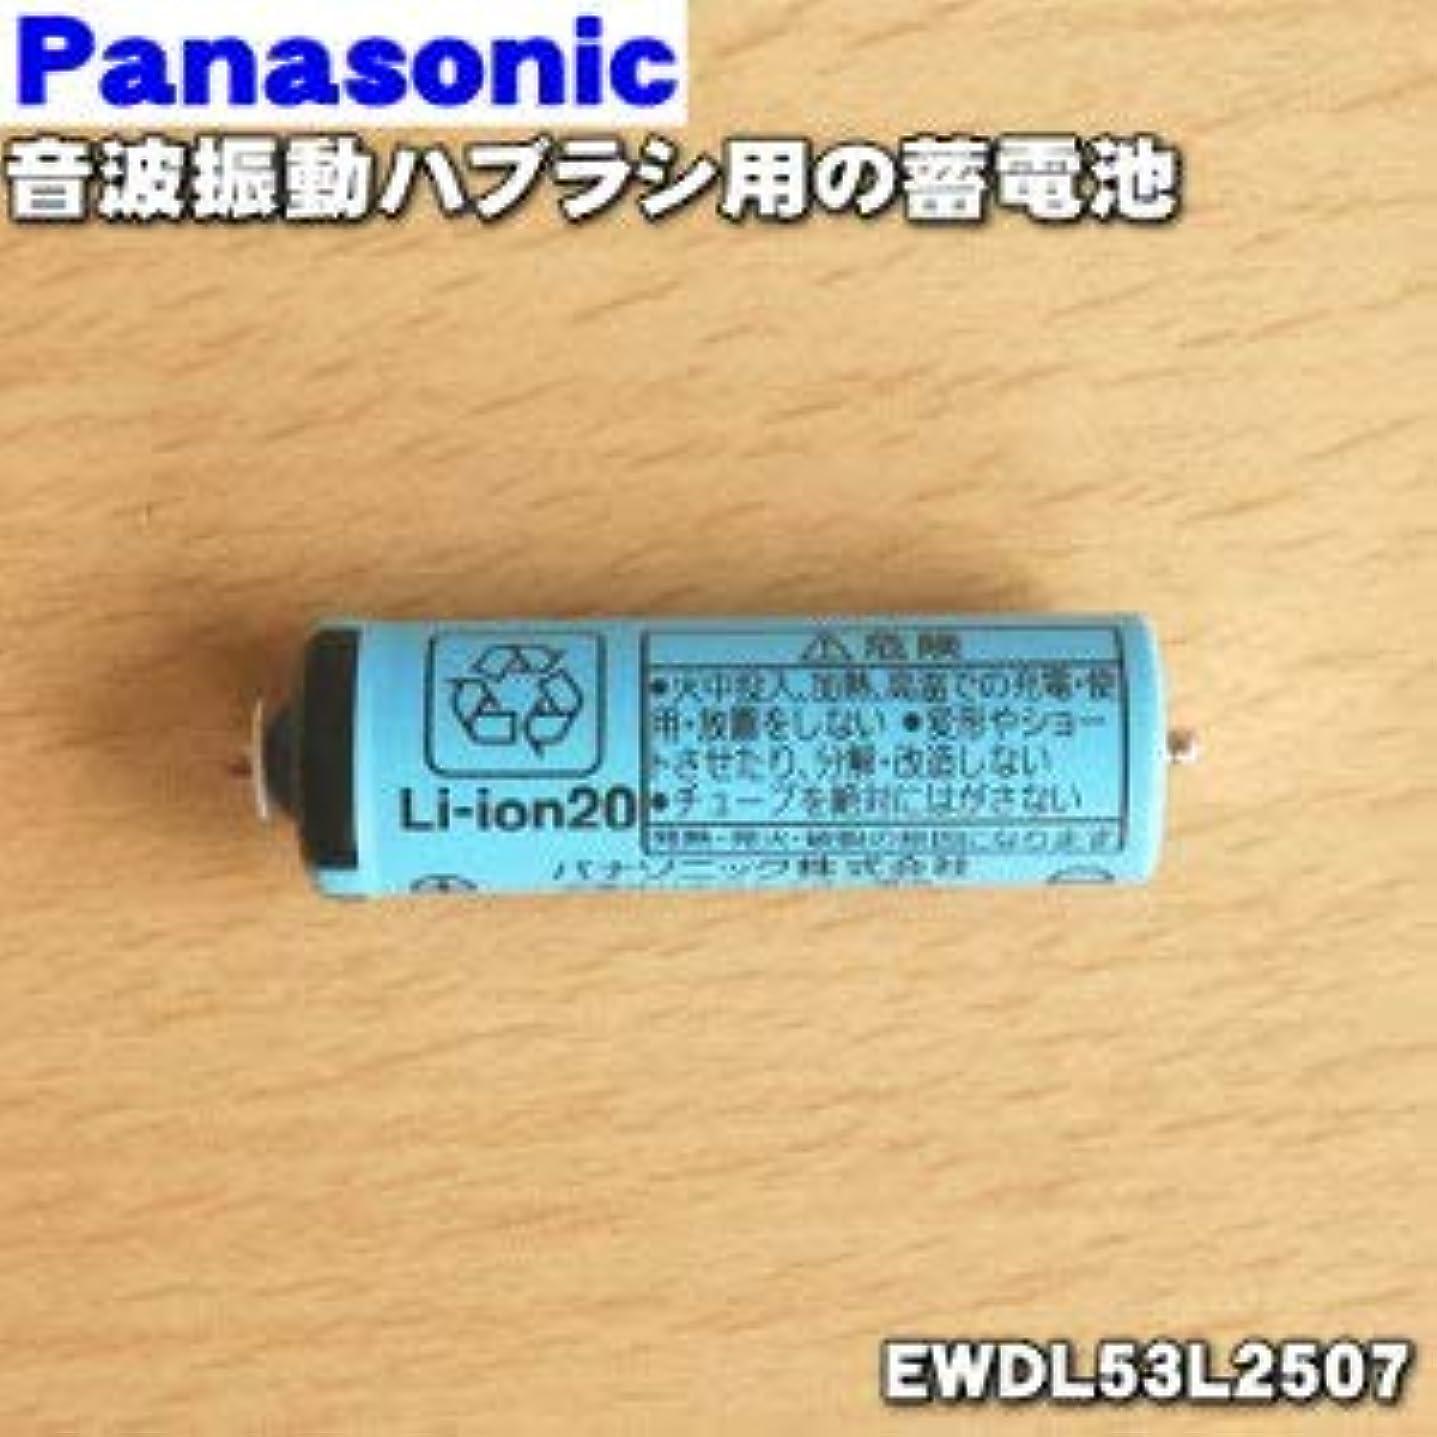 お客様コピーナプキンパナソニック Panasonic 音波振動ハブラシ Doltz 蓄電池交換用蓄電池 EWDL53L2507